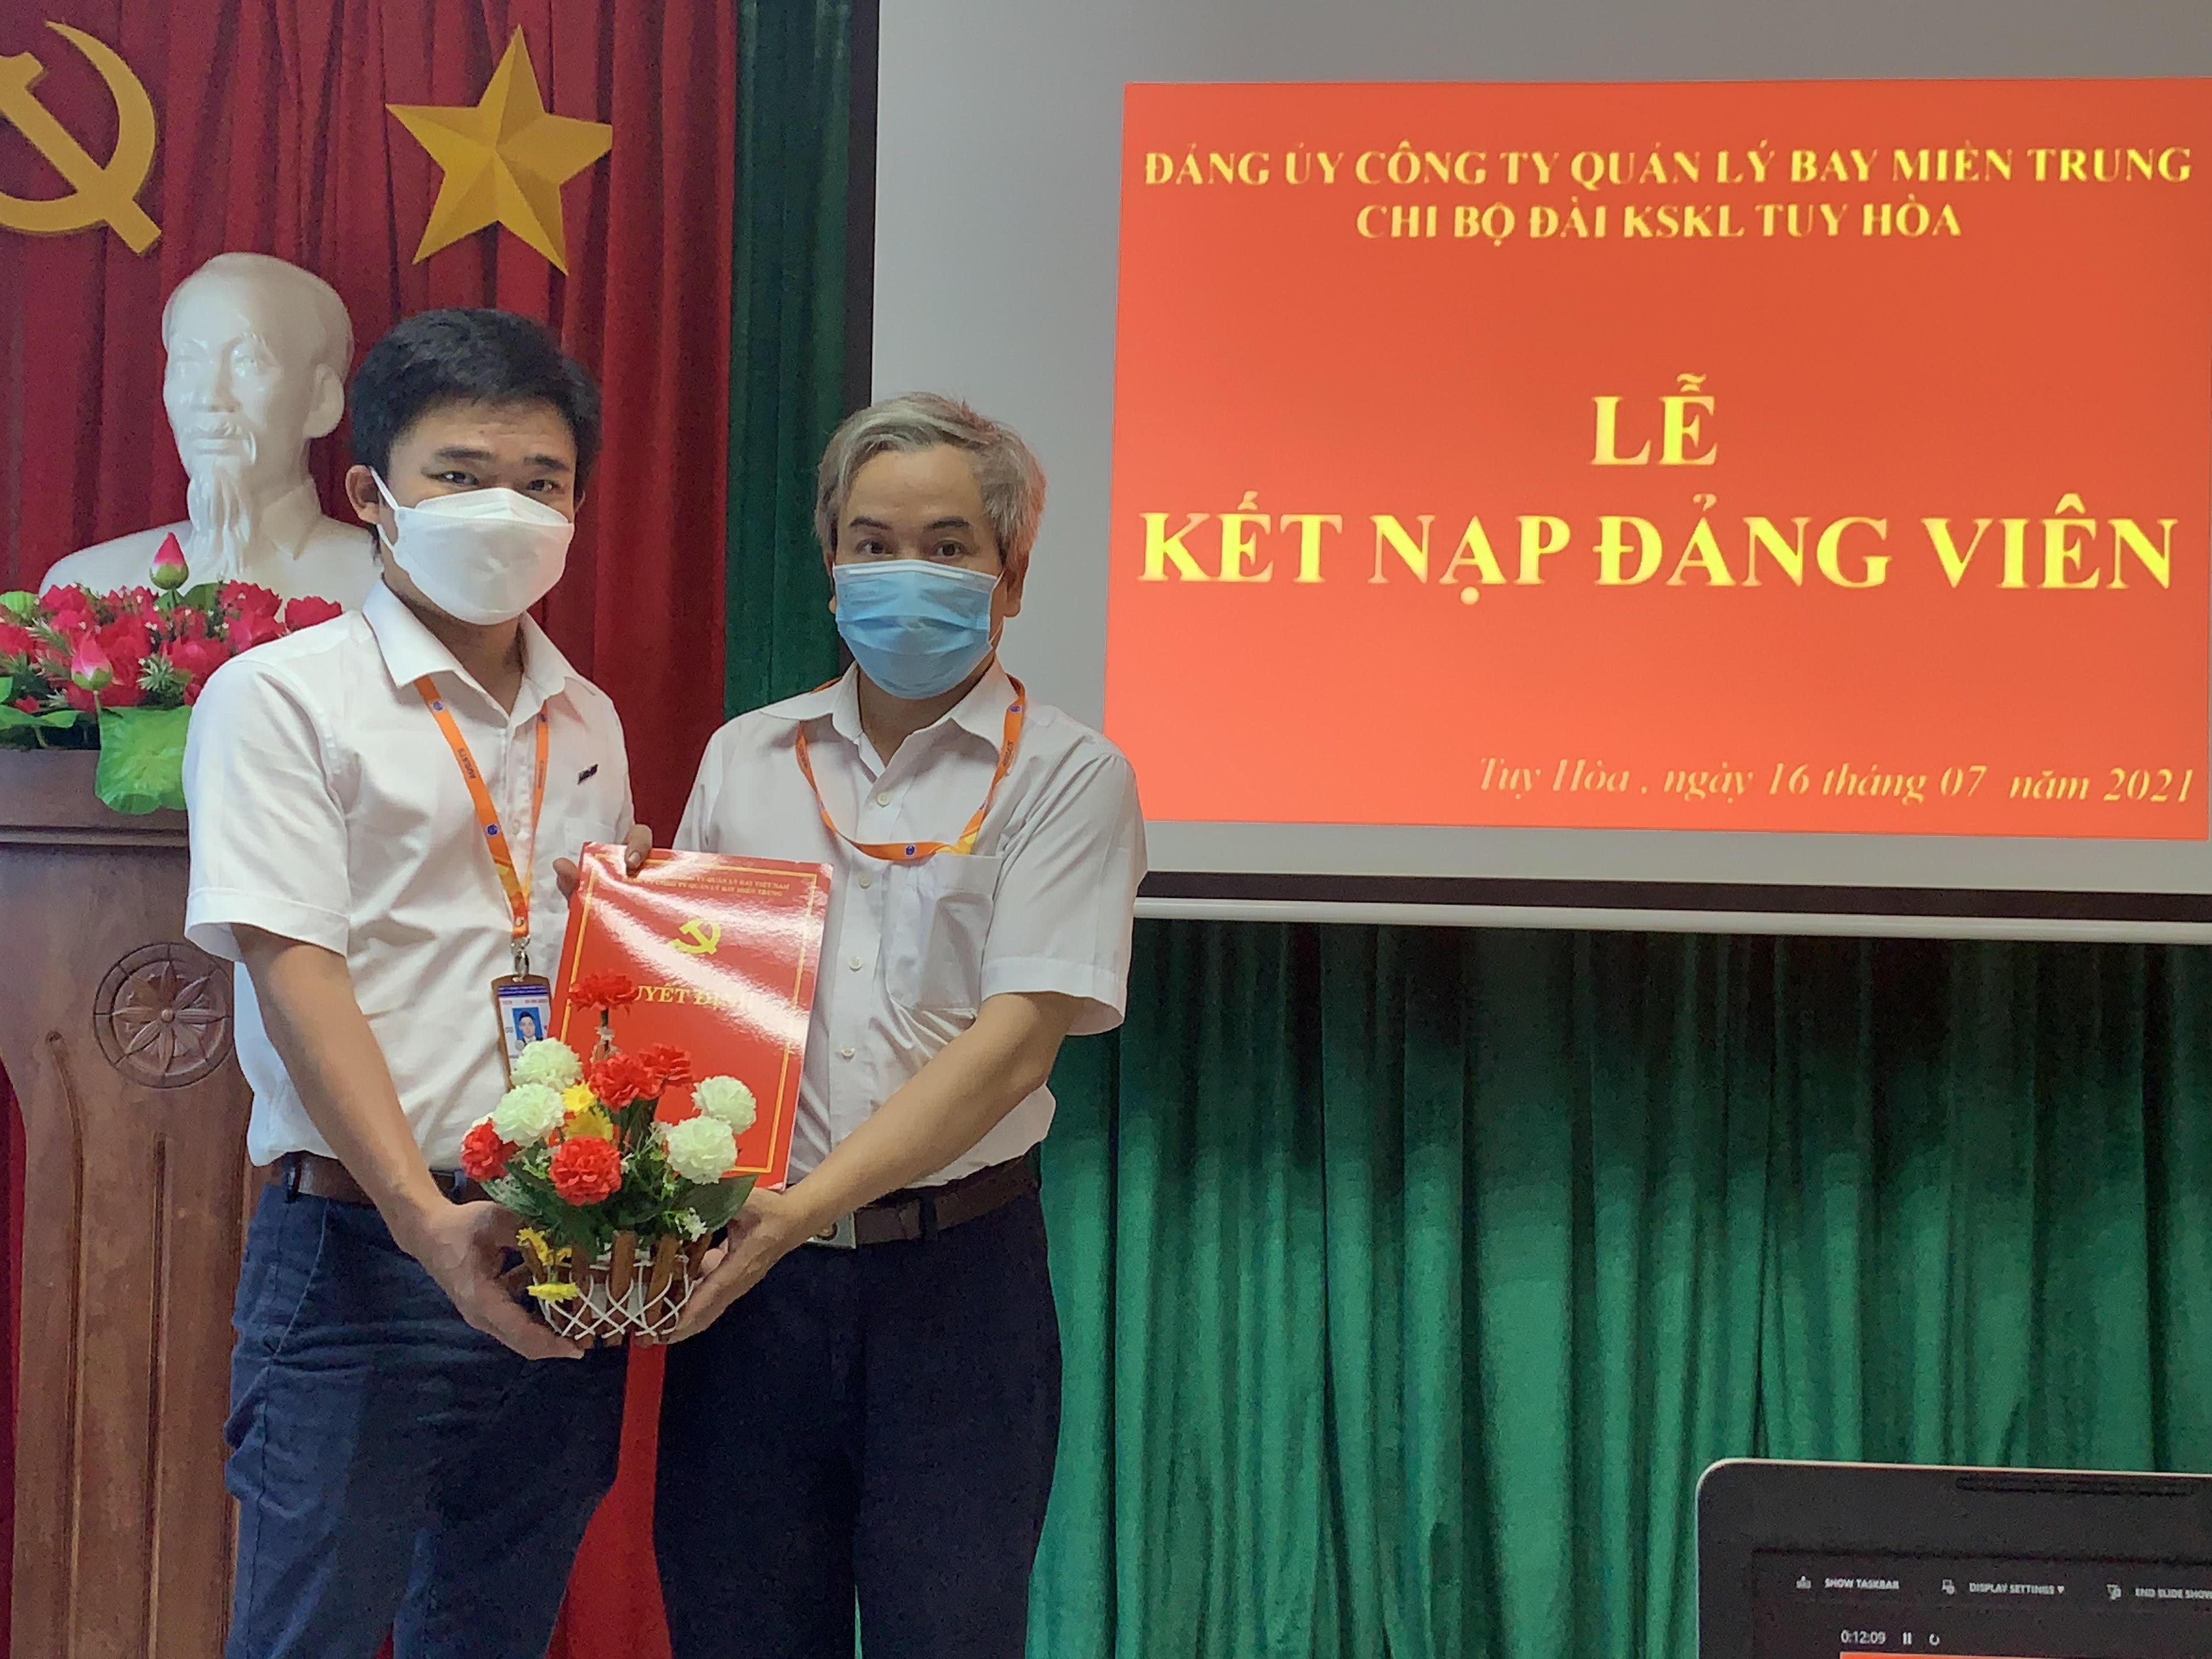 Chi bộ Đài KSKL Tuy Hòa đã tổ chức lễ kết nạp Đảng viên mới